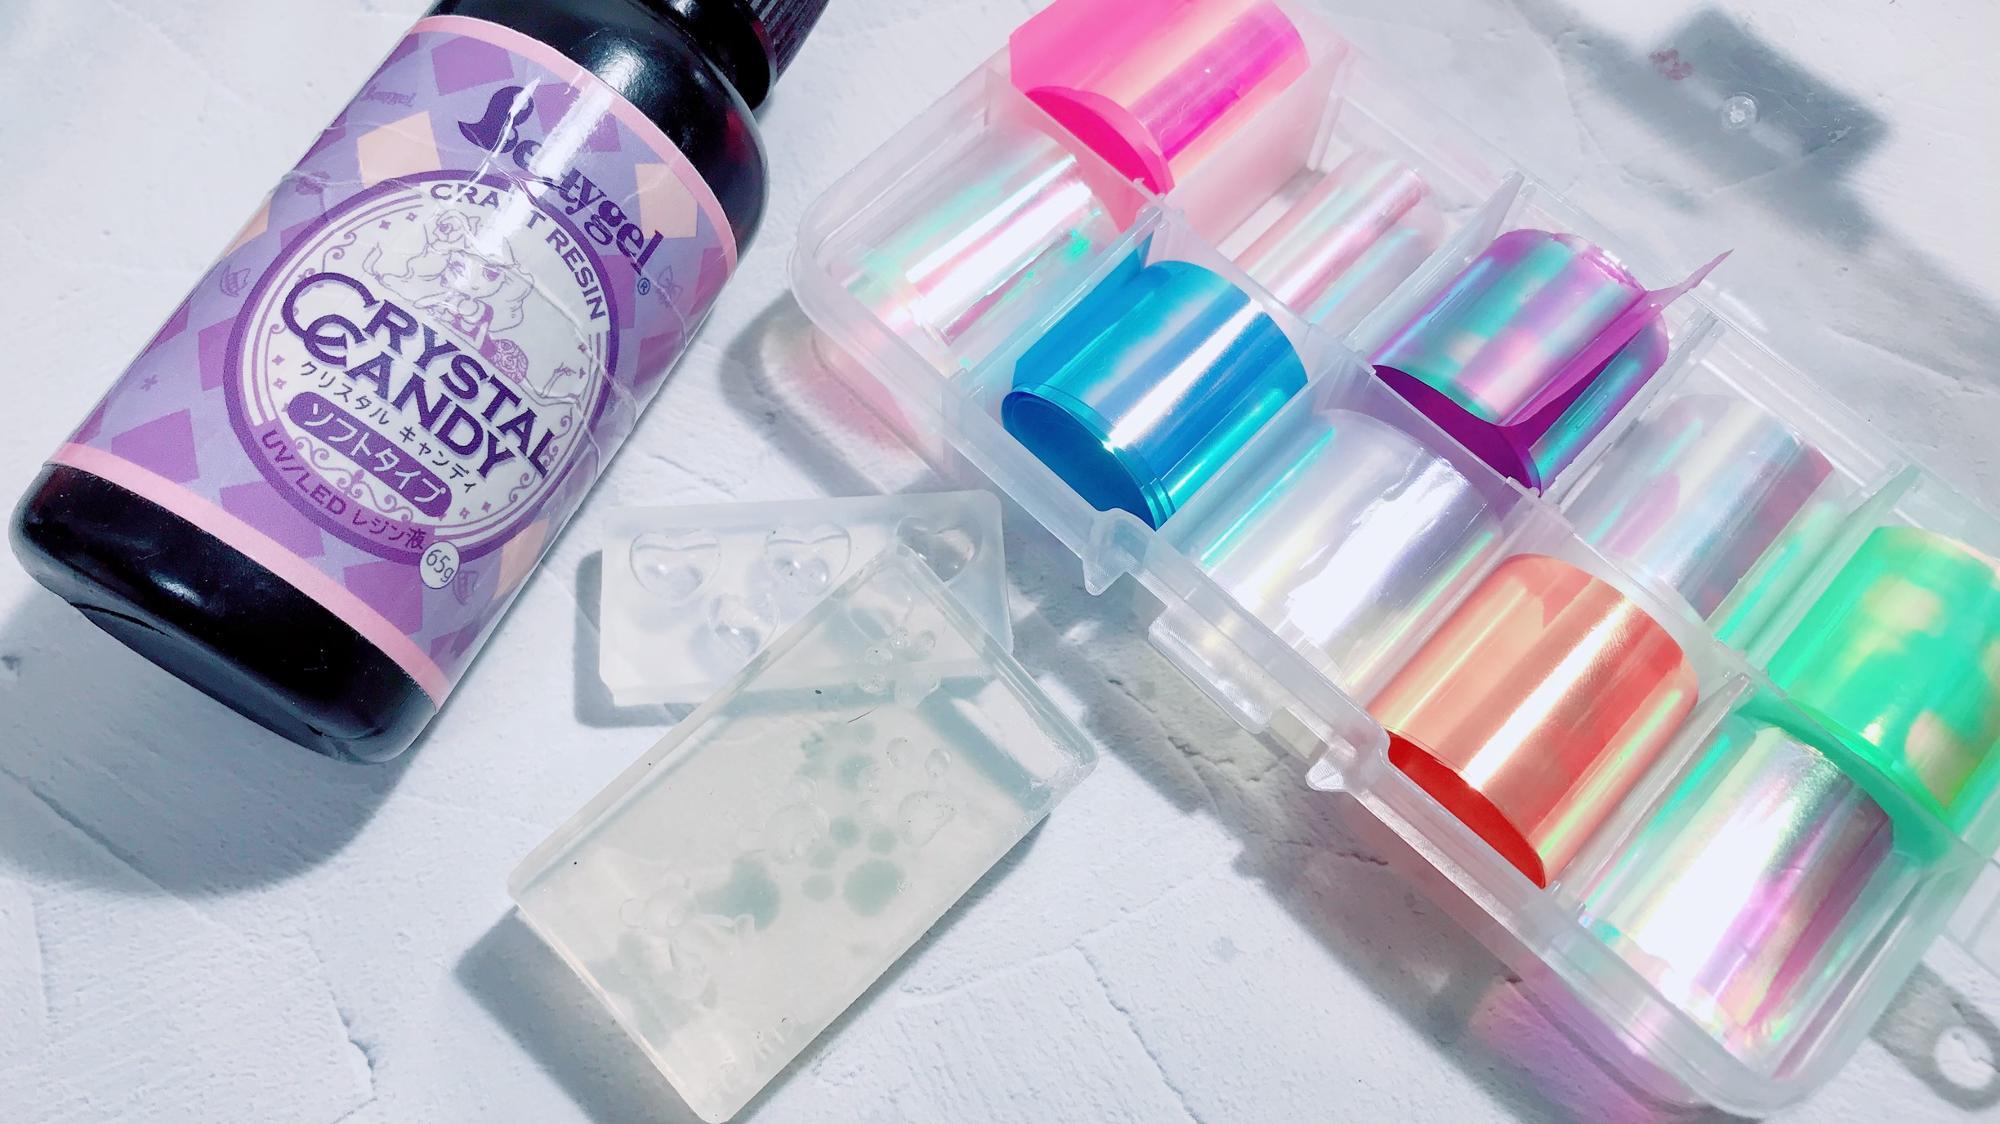 左からクリアレジン(Betty gel クリスタルキャンディ)・シリコンモールド(PREANFA くま)・オーロラのフィルム(PREXY ネイルフィルム10色セット)